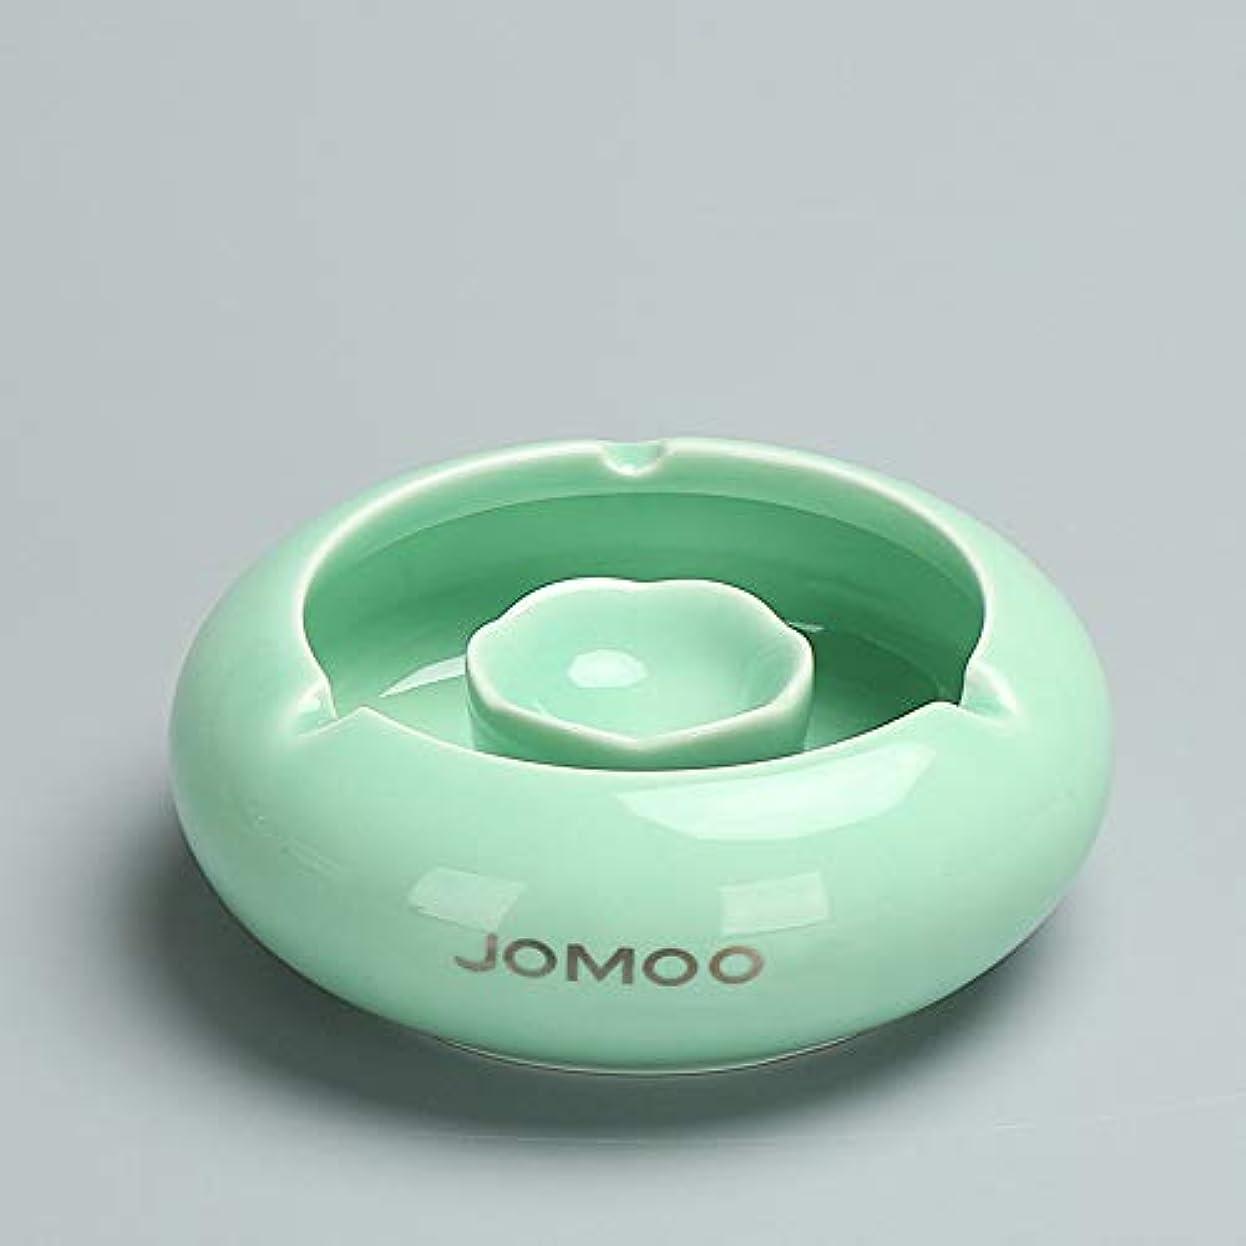 影響速記ラグタバコ、ギフトおよび総本店の装飾のための灰皿円形の光沢のあるセラミック灰皿 (色 : 緑)